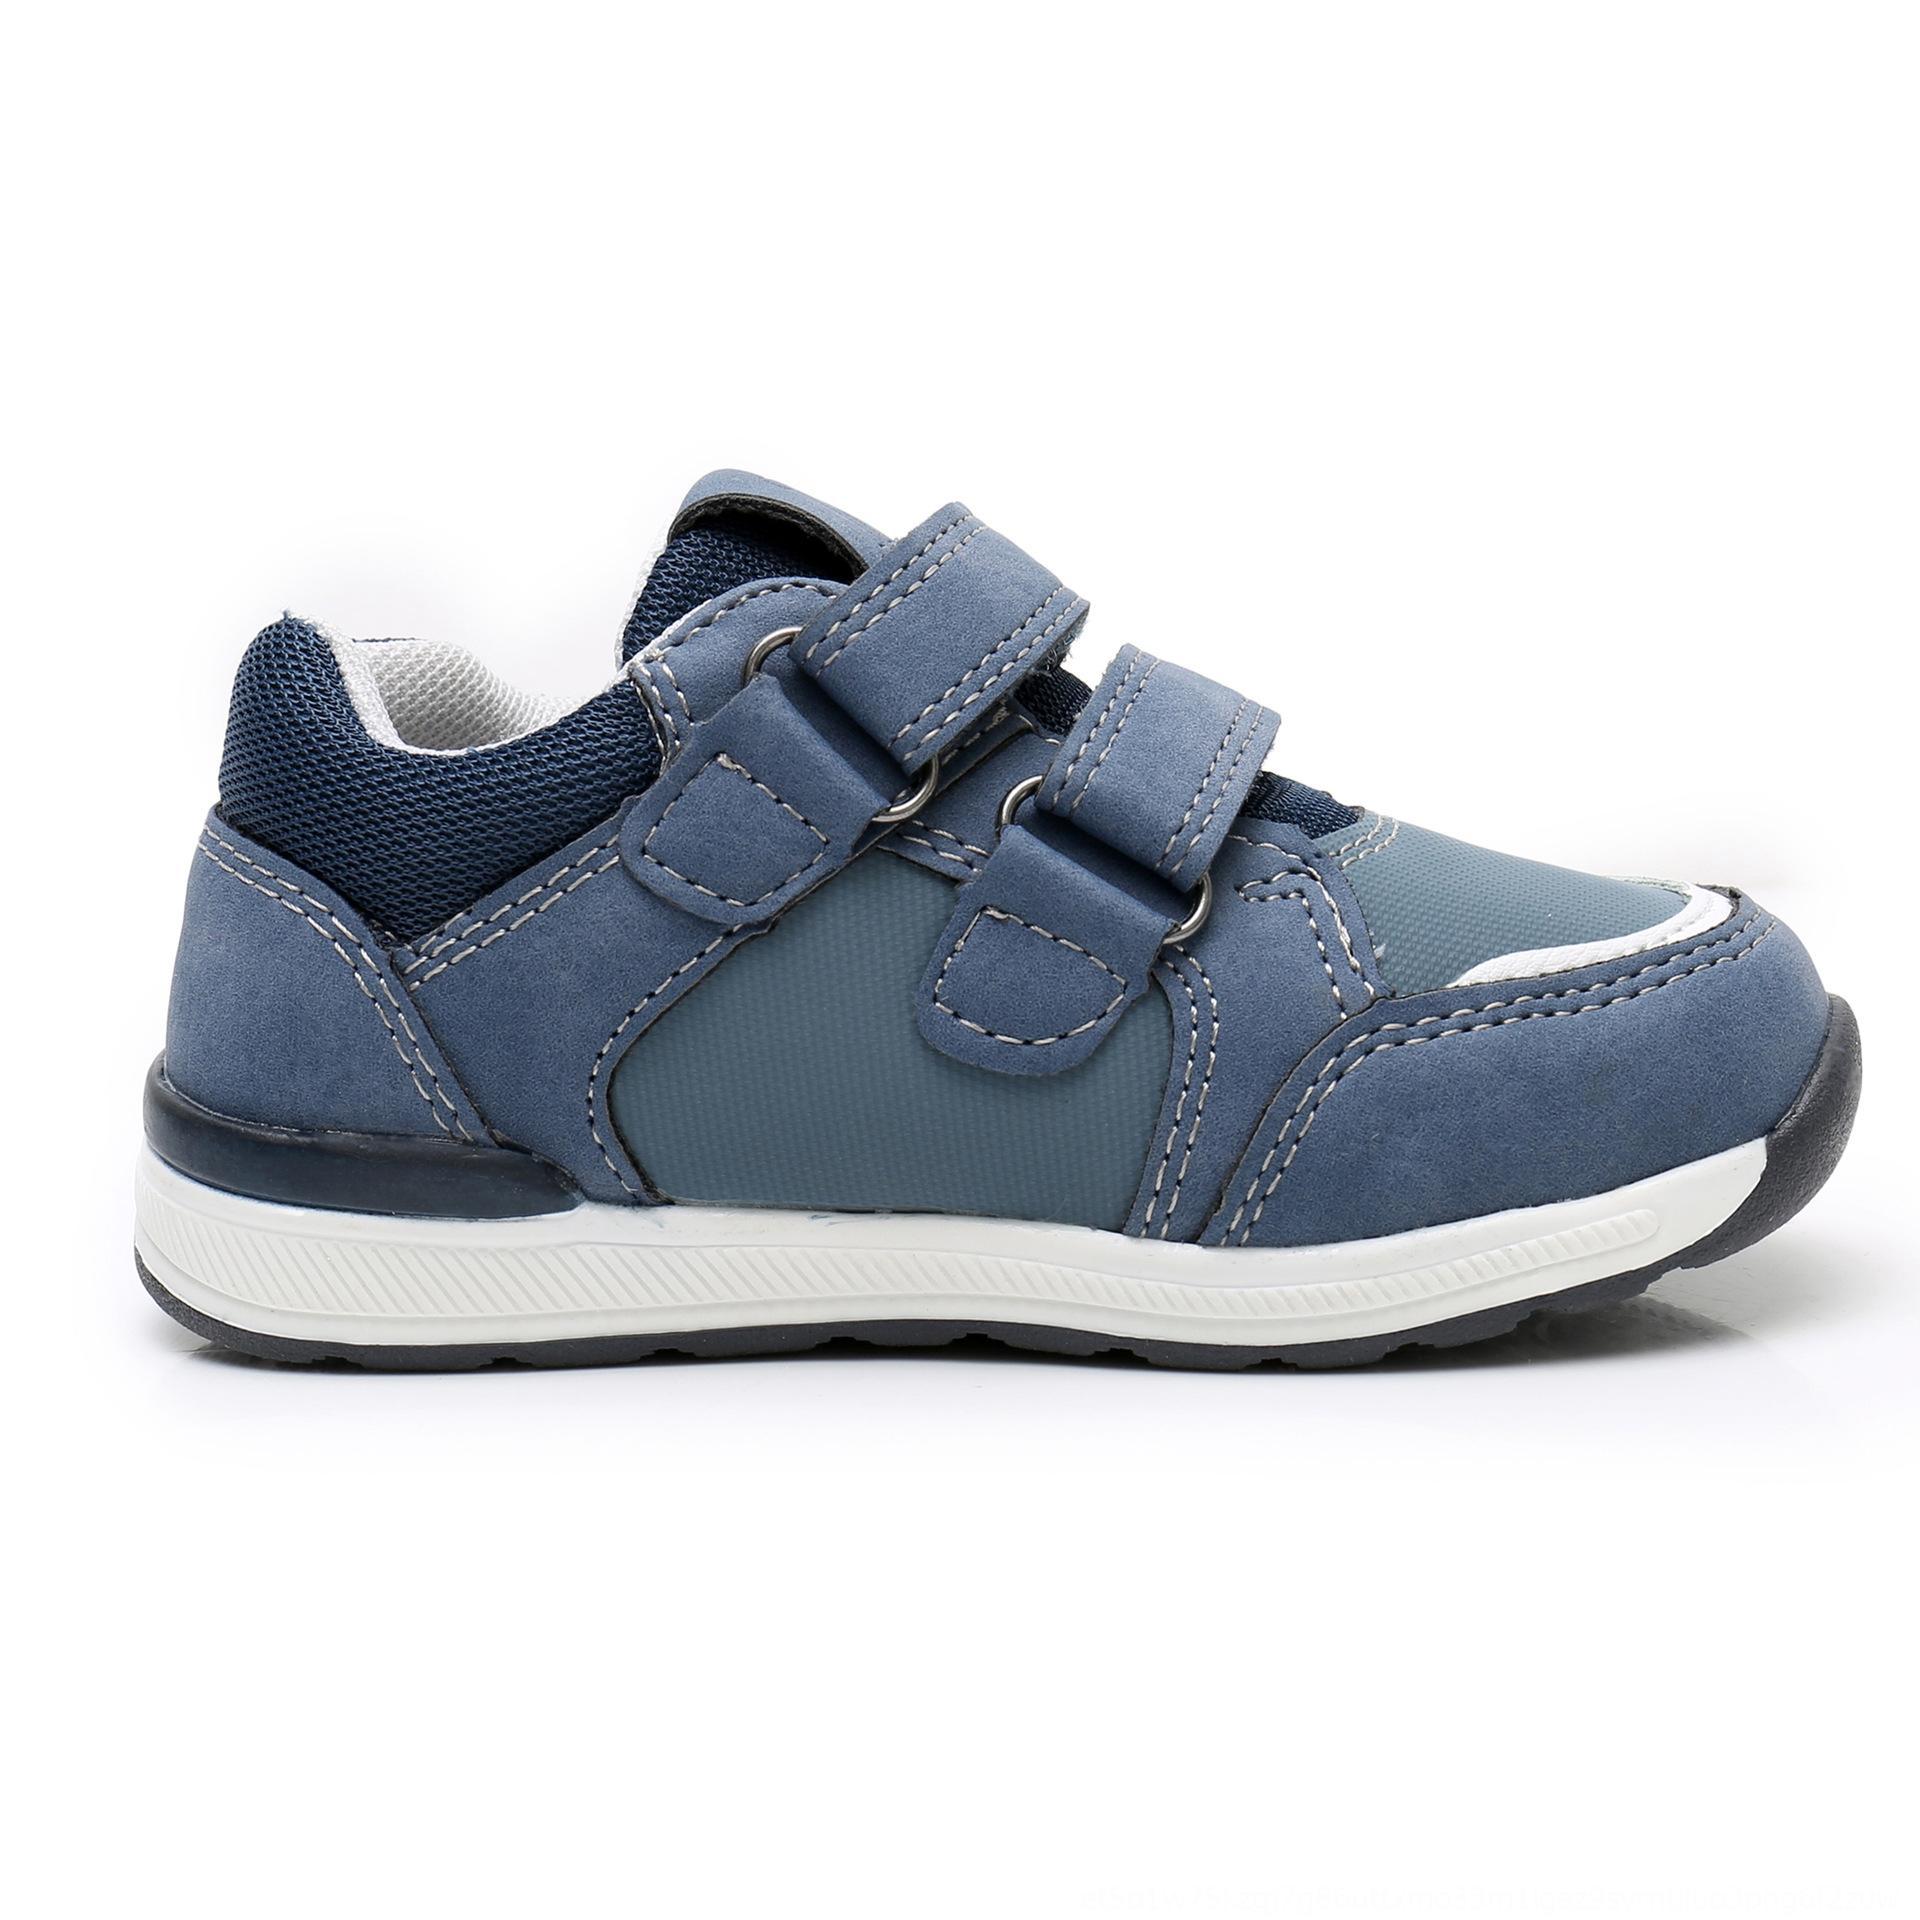 спортивного мальчик сетка ребенок детских кроссовки случайной погонных детей осенью ребенок обувь корректирующая обувь